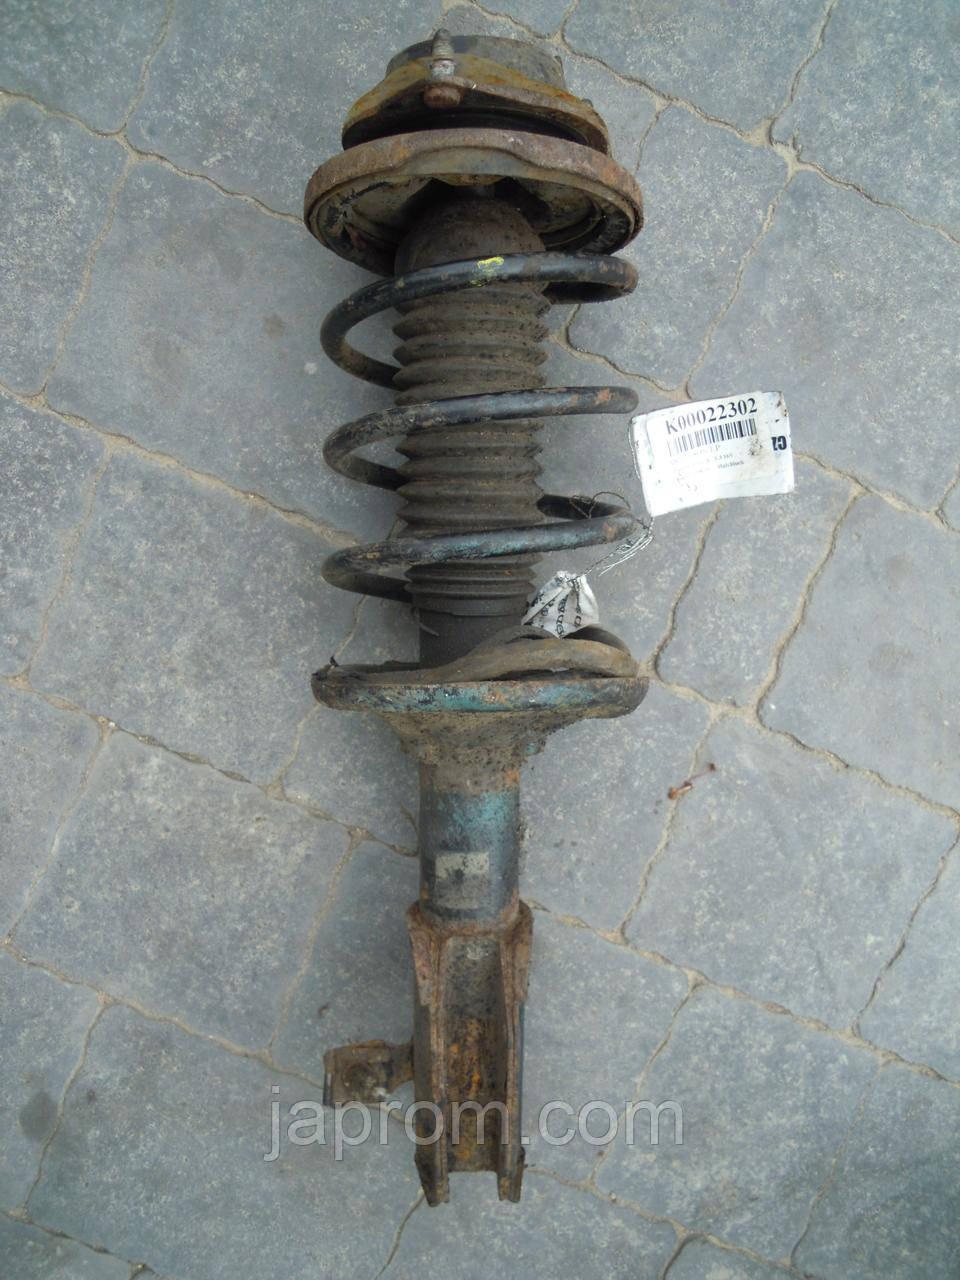 Амортизатор стійка передня в зборі лівий Mazda 323 BA 1994-1997р.в. бензин